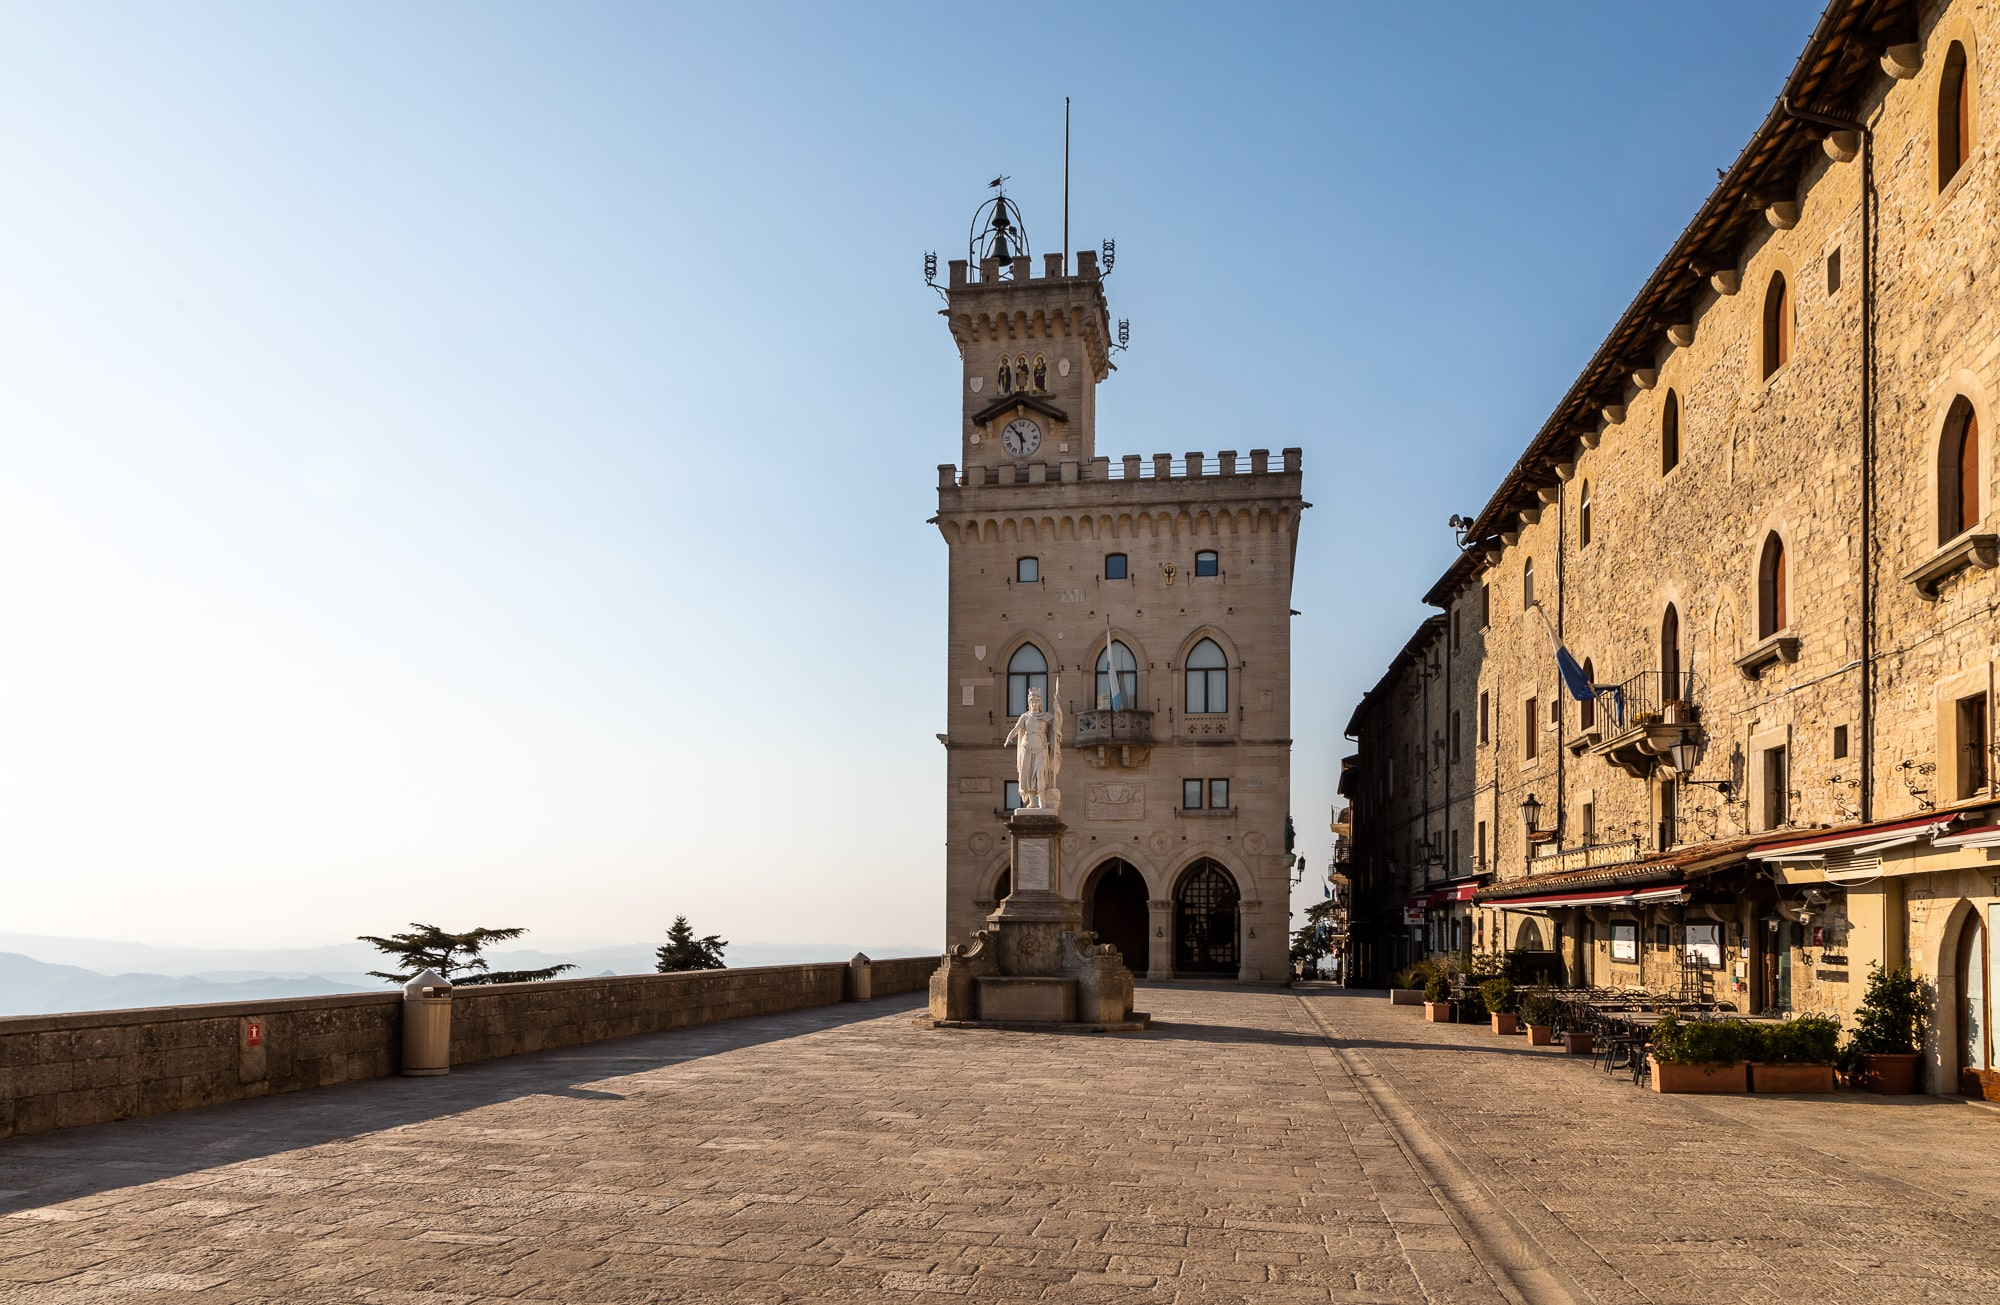 @Visitsanmarino - Piazza della Libertà